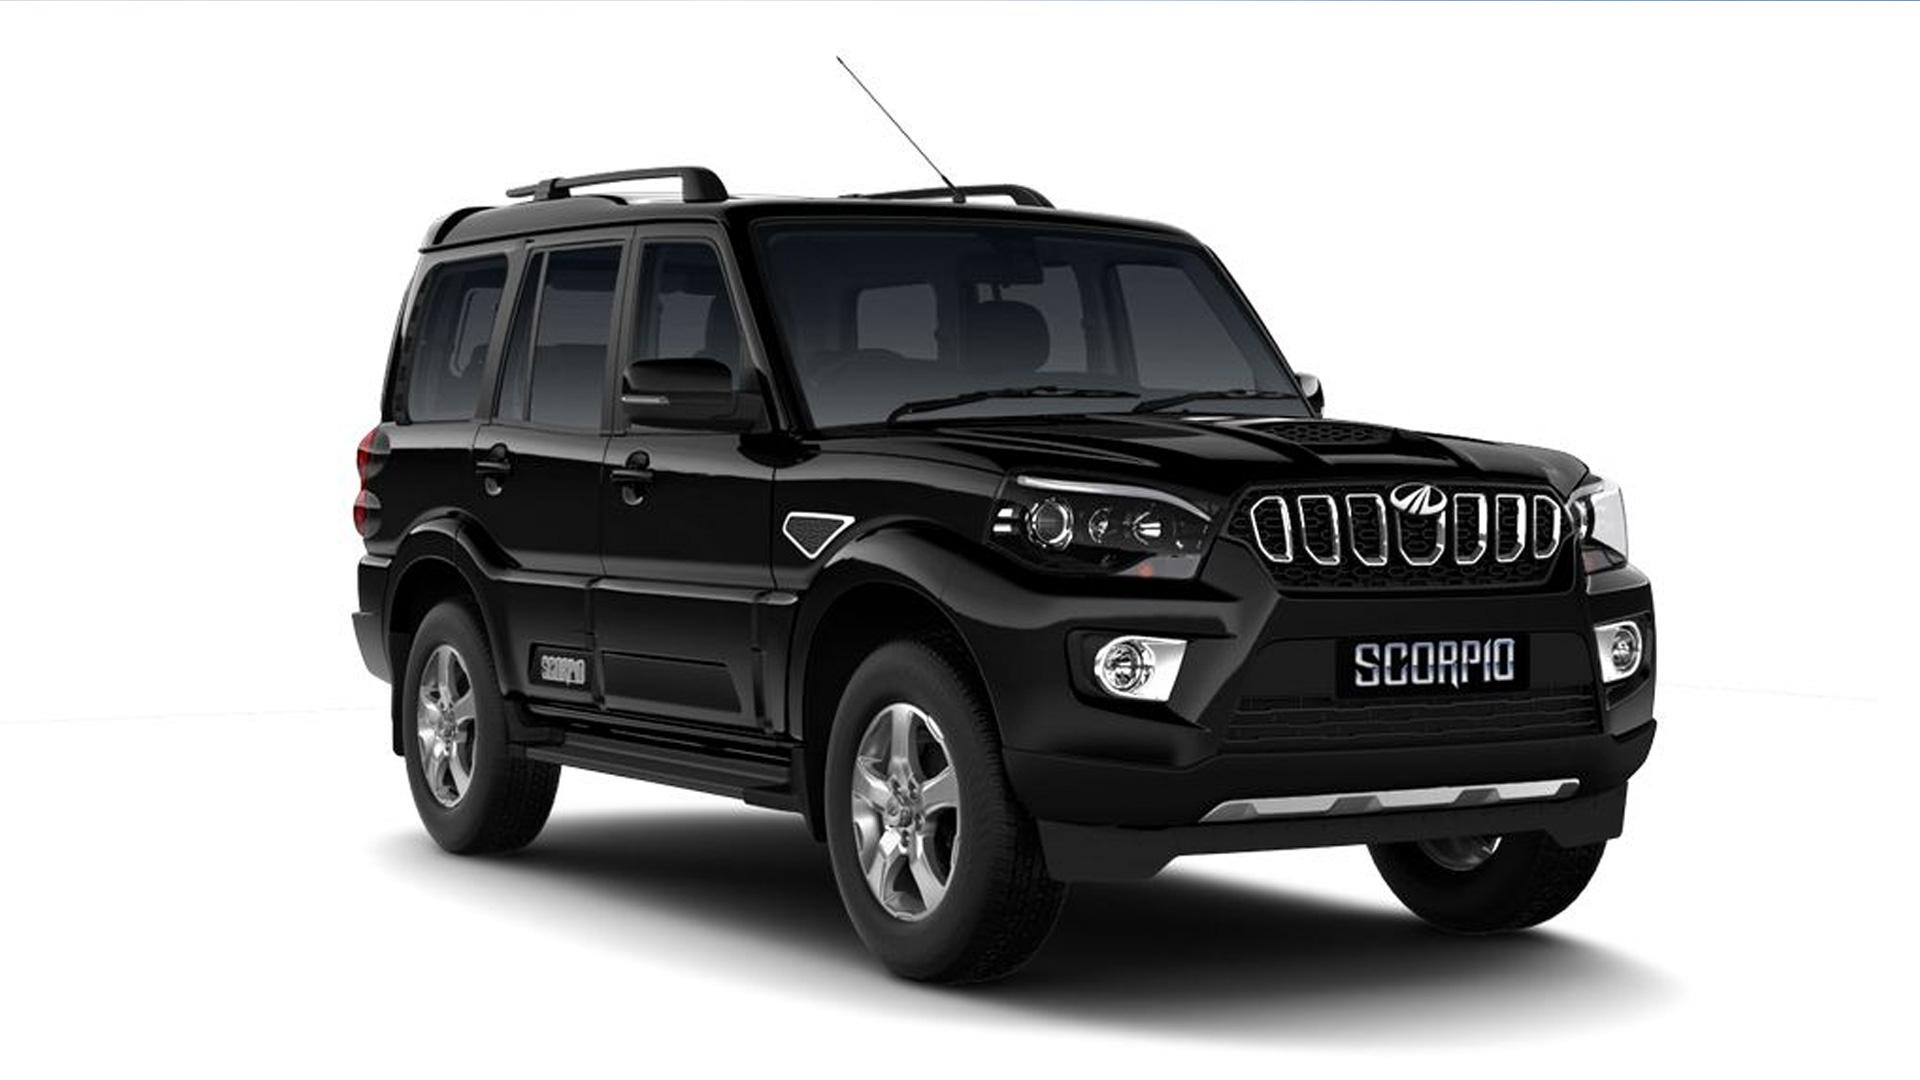 Mahindra Scorpio 2020 S7